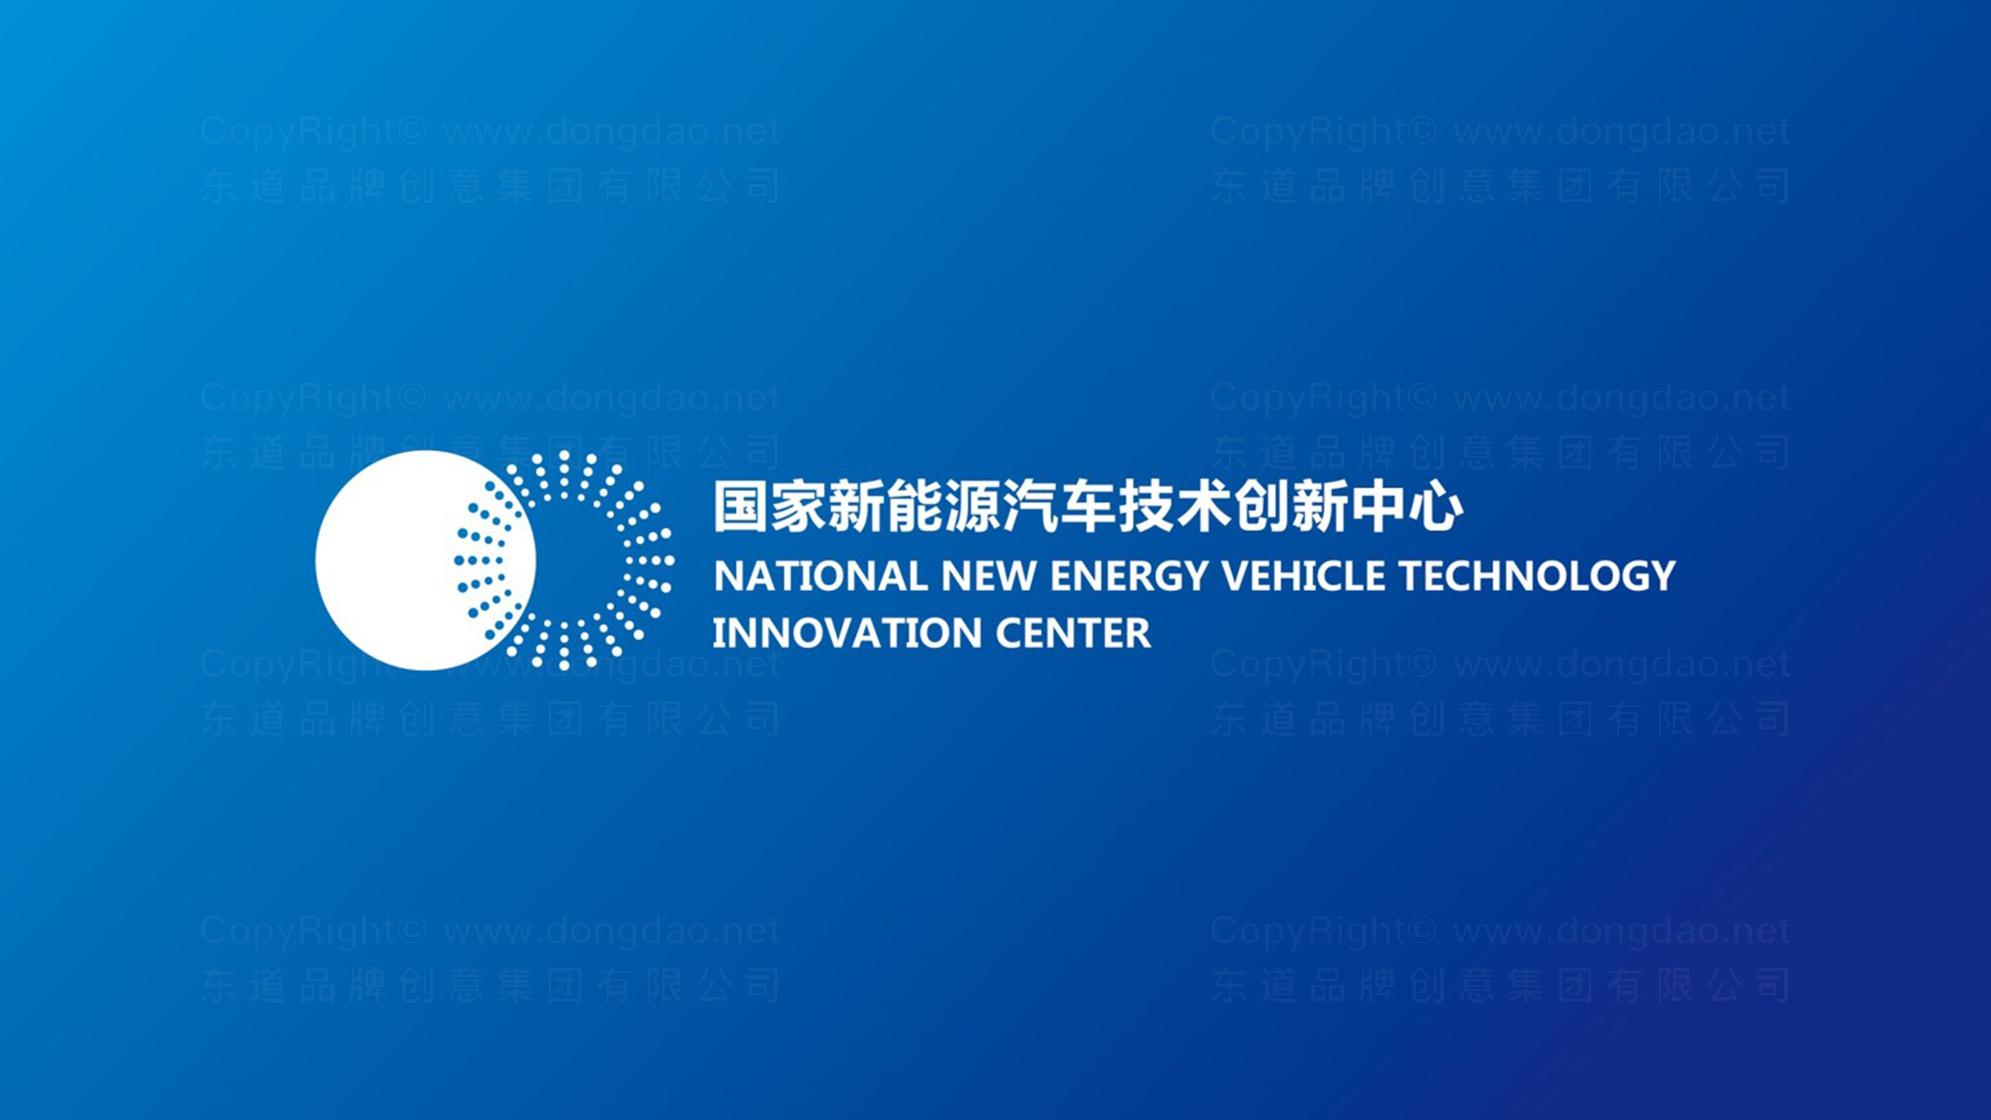 品牌设计案例国家新能源汽车技术创新中心标志设计